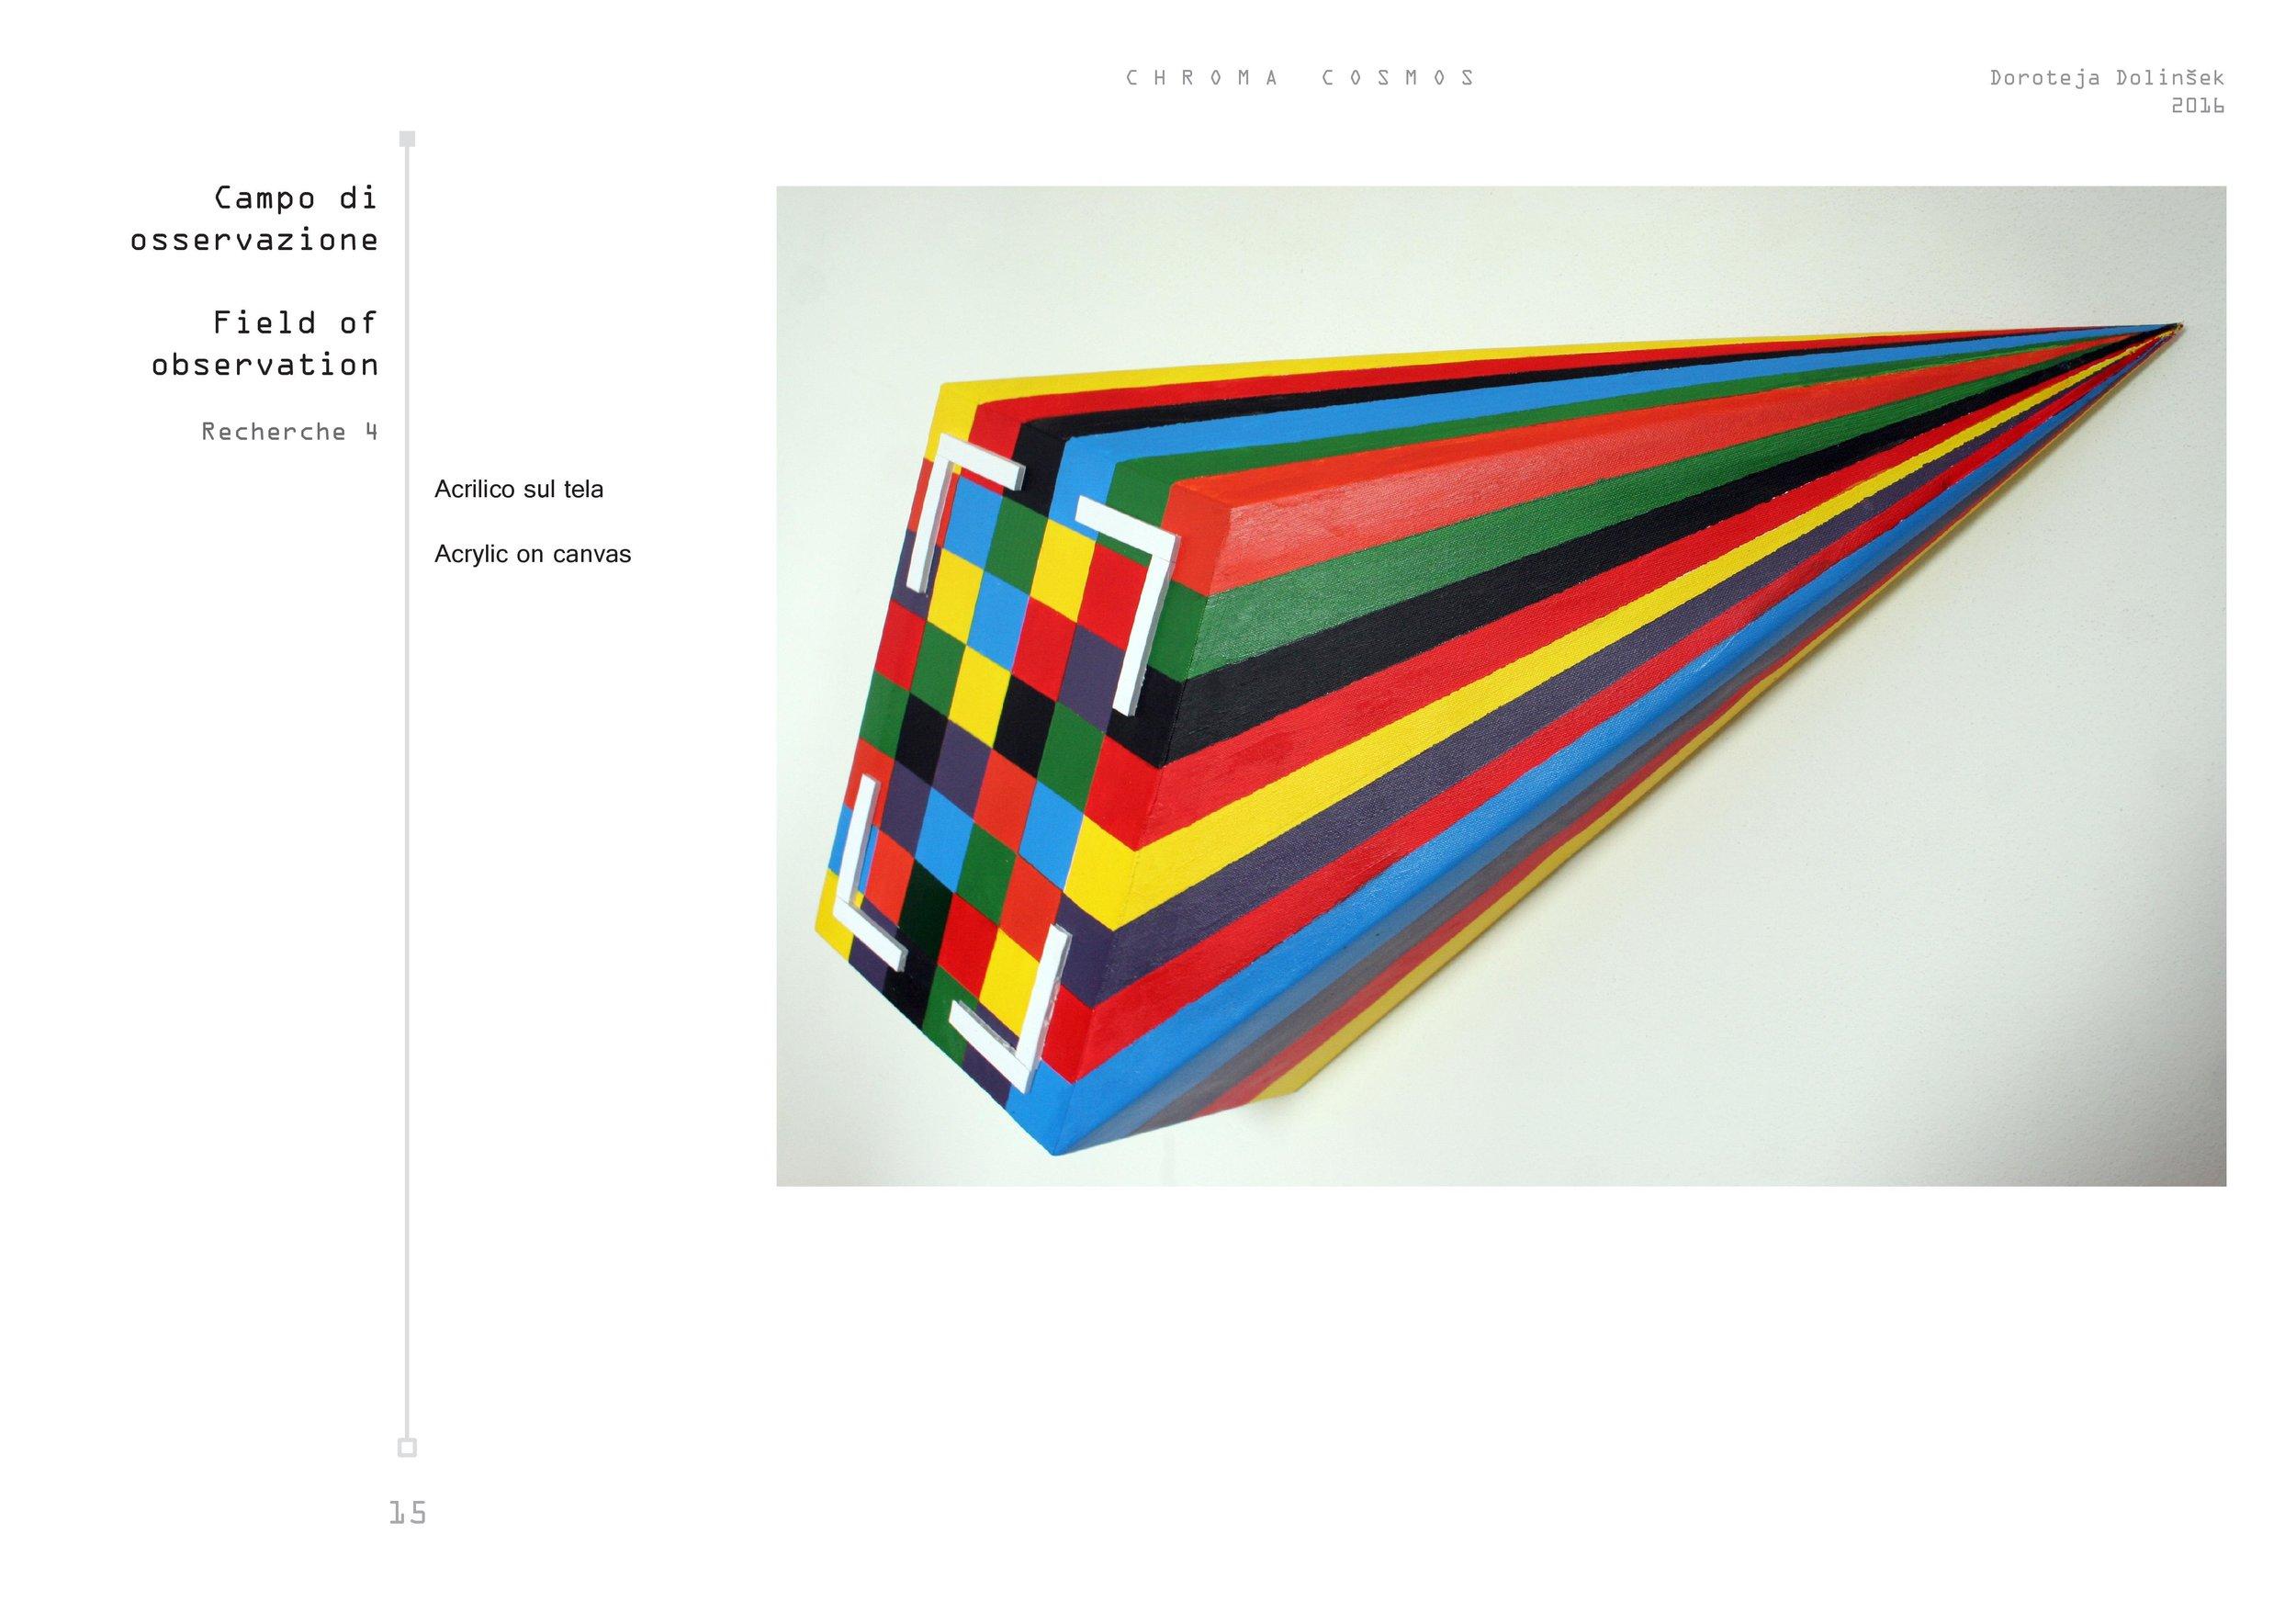 CHROMA COSMOS-page-015.jpg